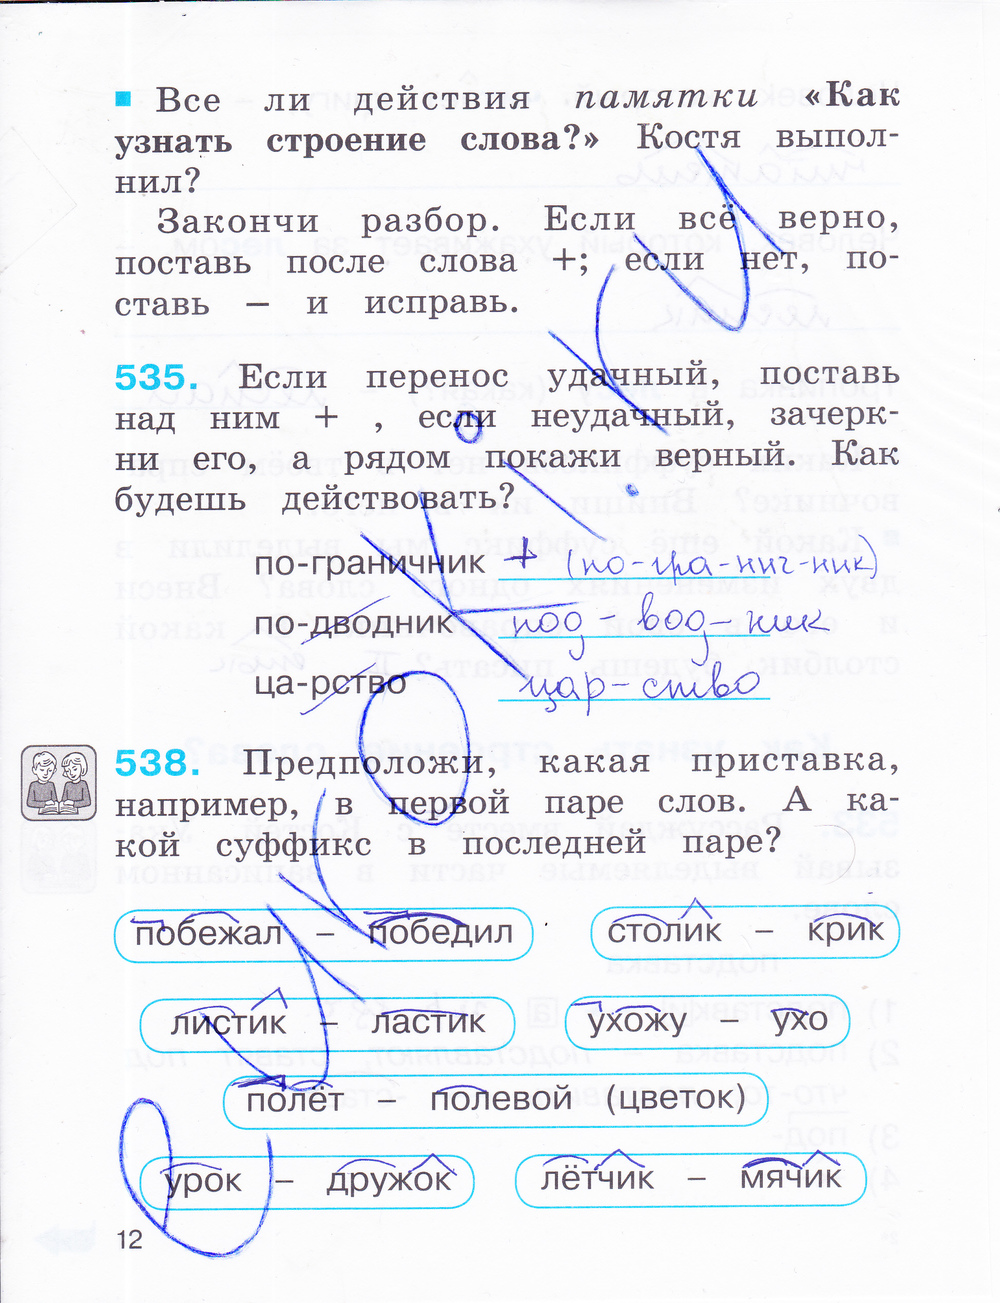 Класс гдз по гармония языку ответы русскому 2